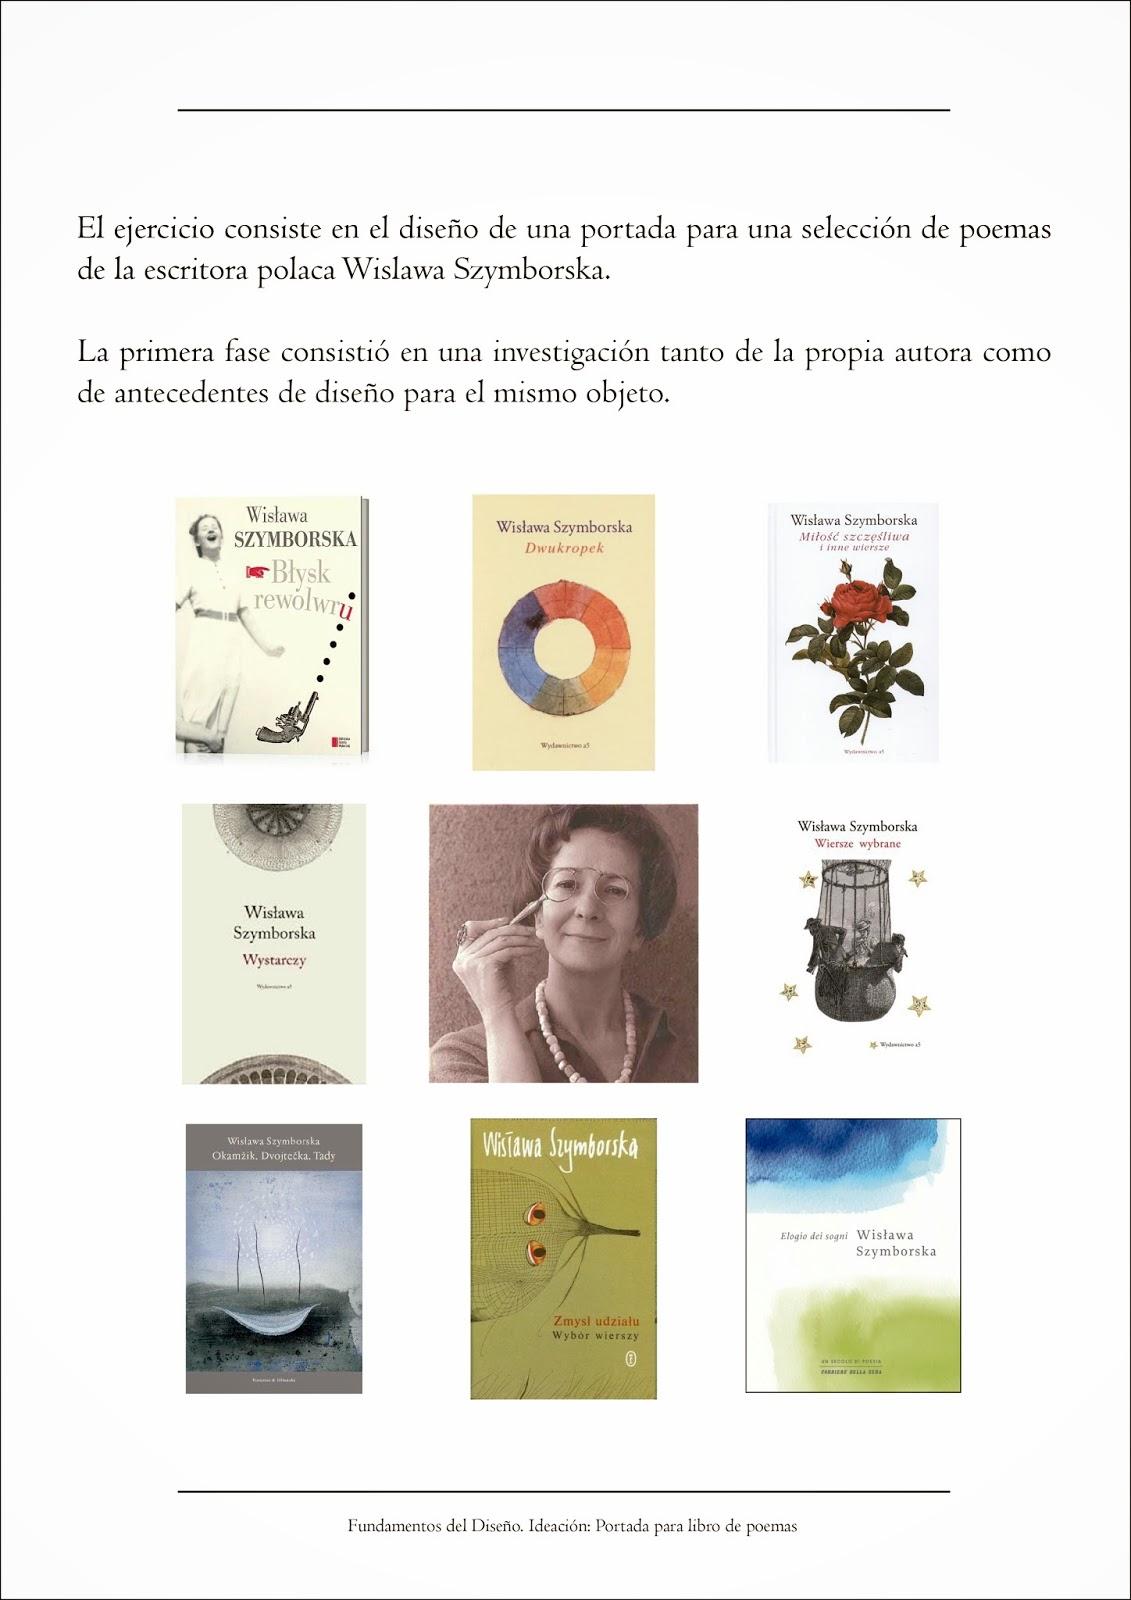 Inesrz 5 Poemas Wislawa Szymborska